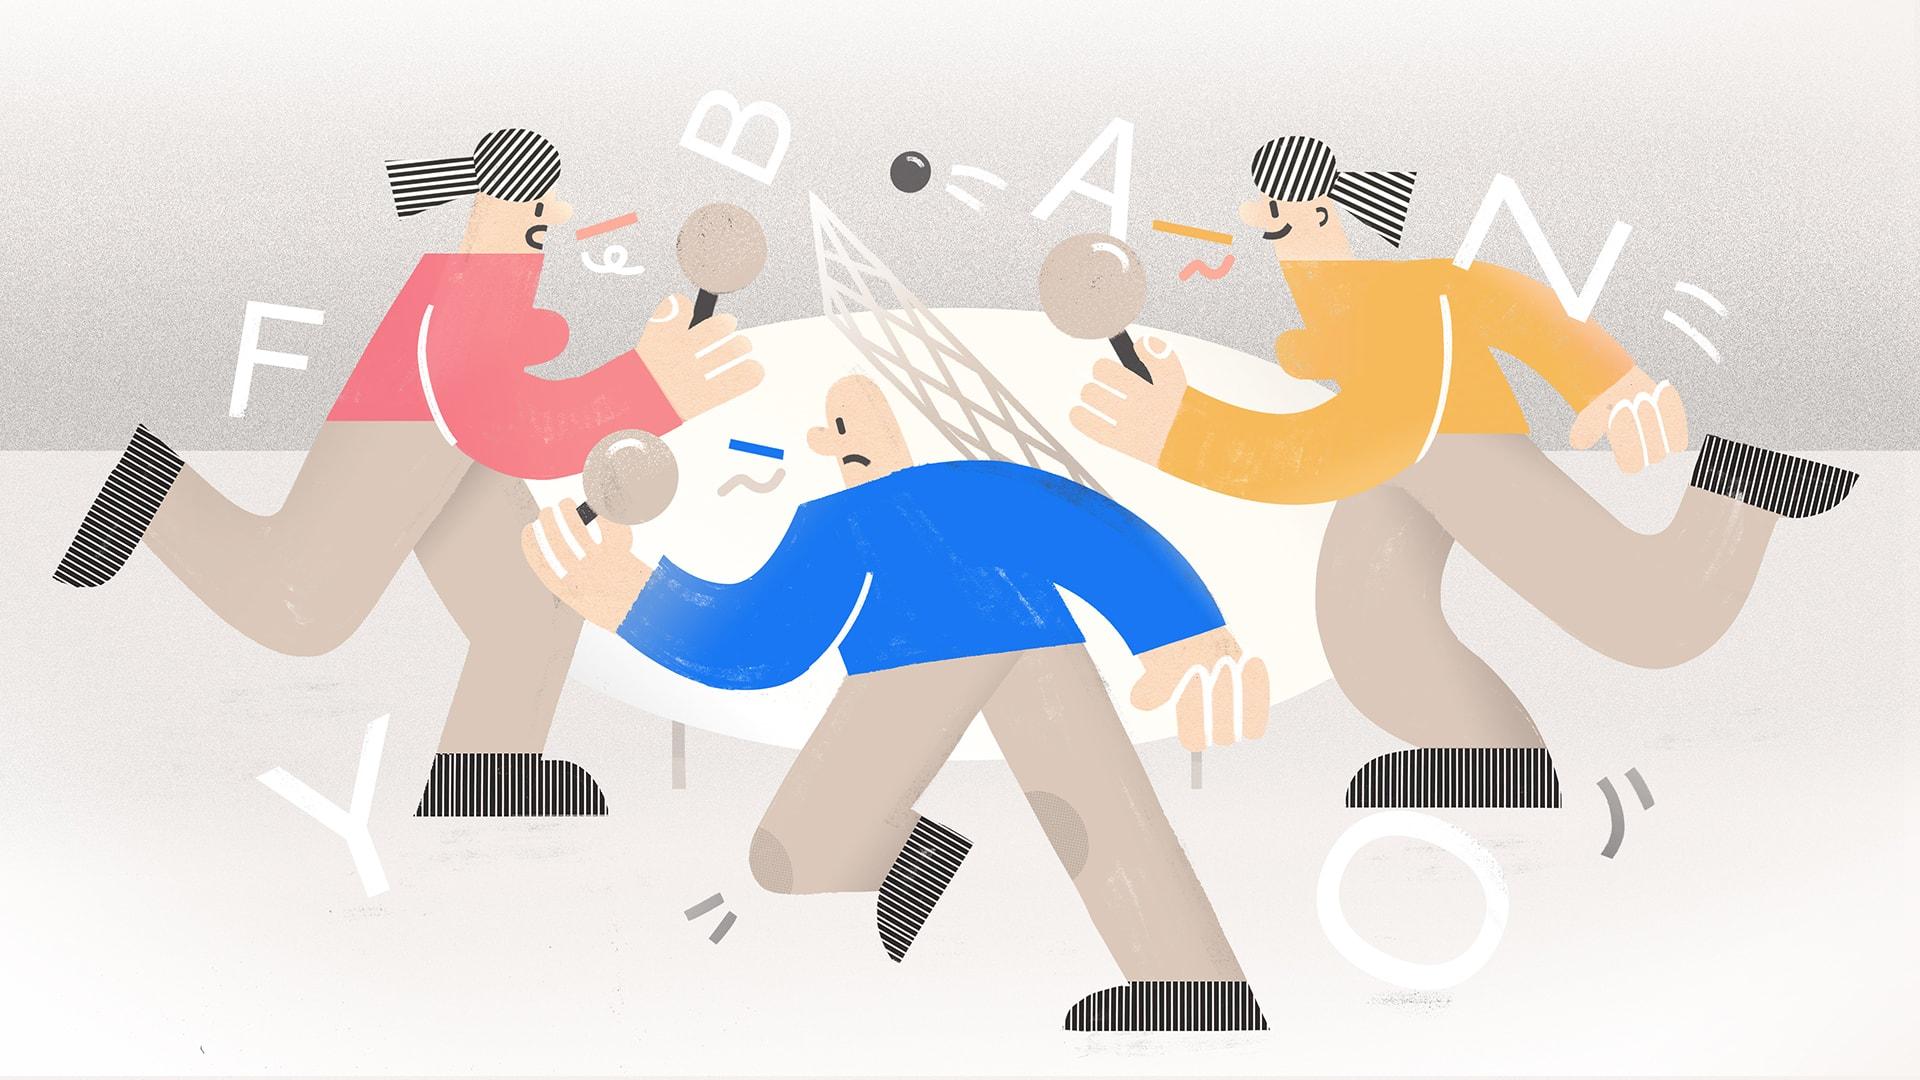 ilustracja weroniki wolskiej do wywiadu z redaktorami portalu cyc gada I mały format